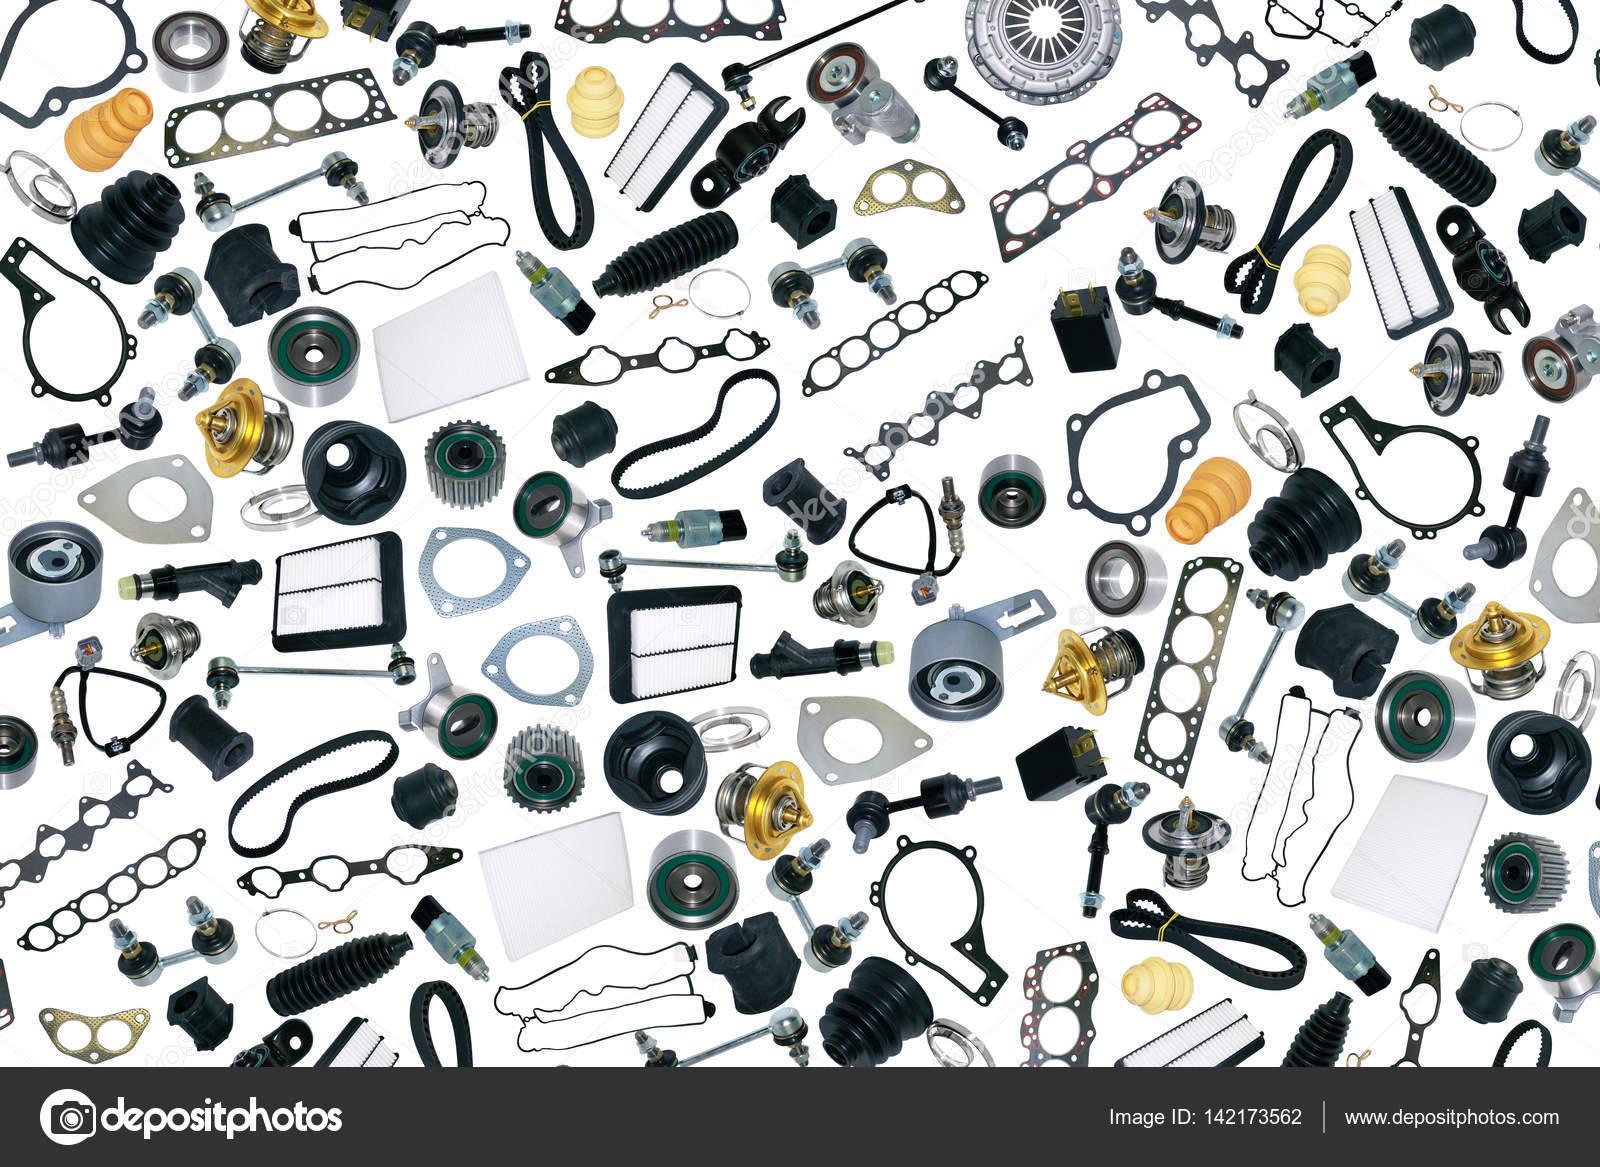 pi ces d tach es voiture sur fond blanc photographie dezay 142173562. Black Bedroom Furniture Sets. Home Design Ideas